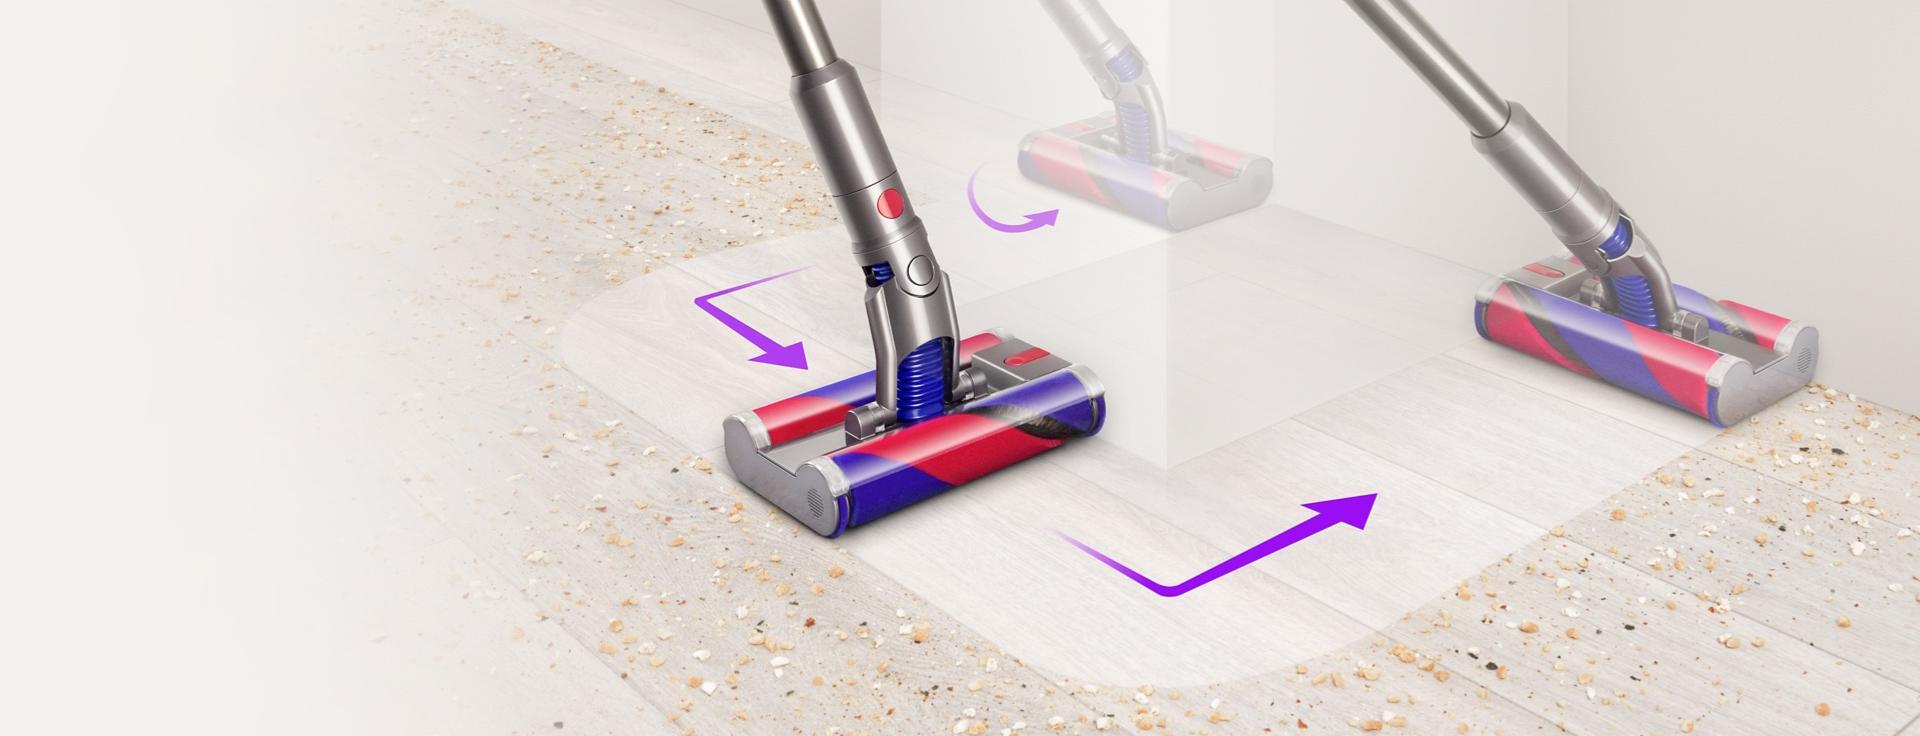 Vícesměrová podlahová hubice Dyson Fluffy™ manévrující kolem překážky.